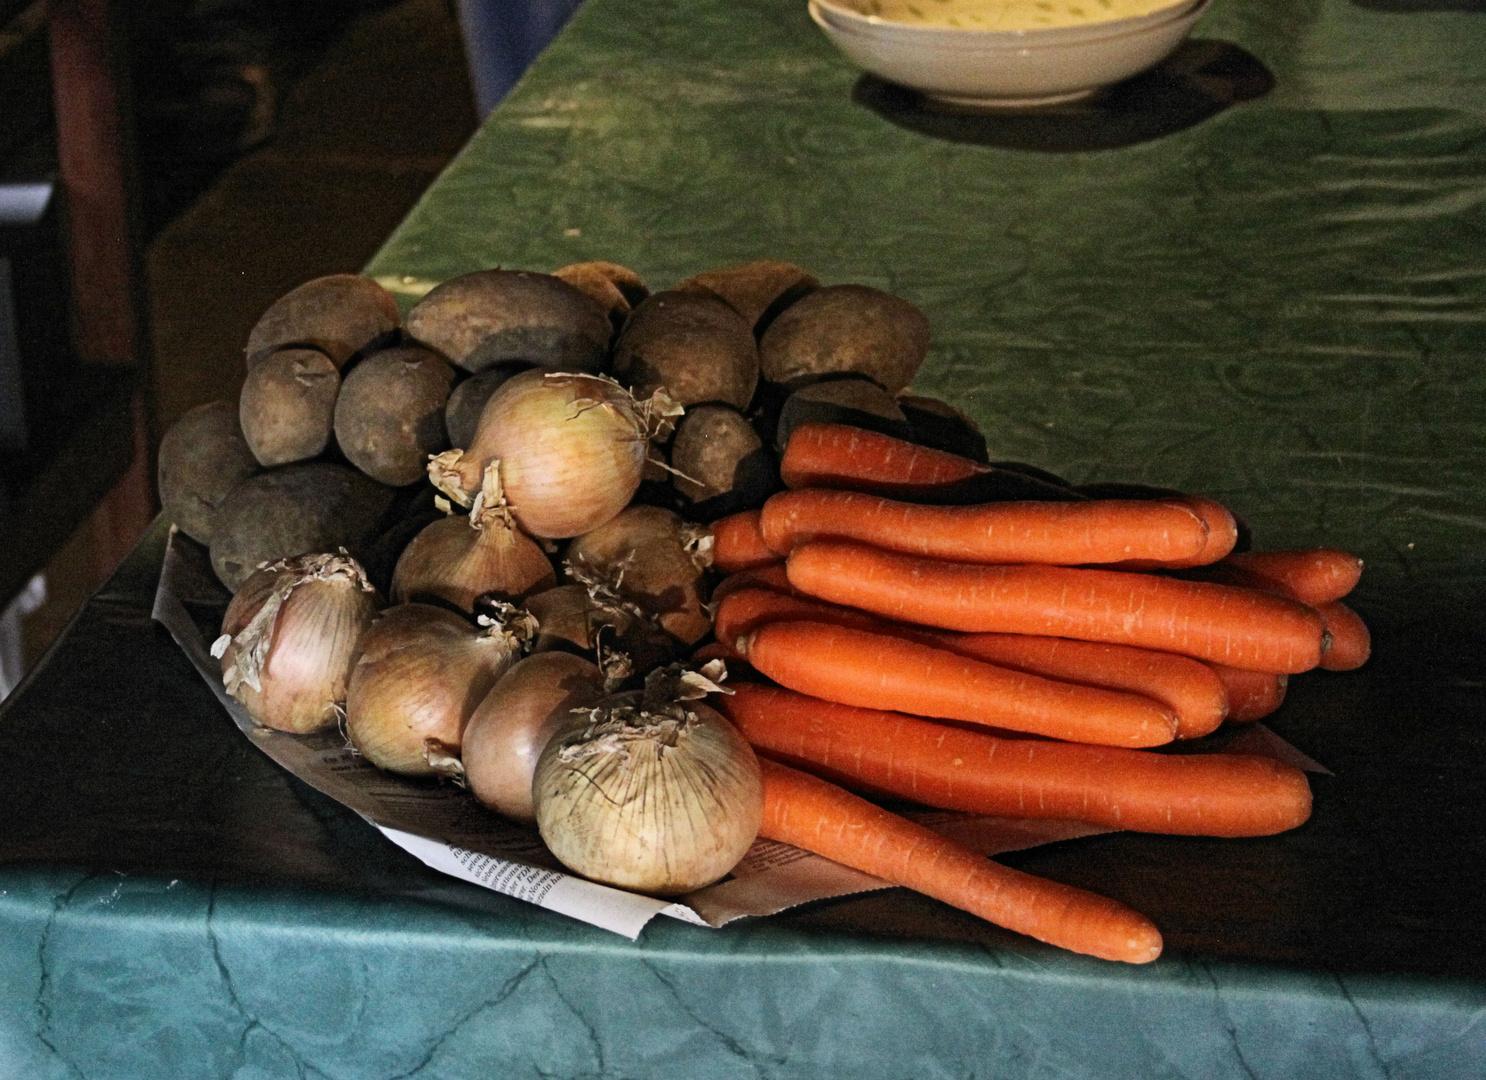 Beilage zur Kartoffelsuppe (Freilichtmuseum Vogtsbauernhof)